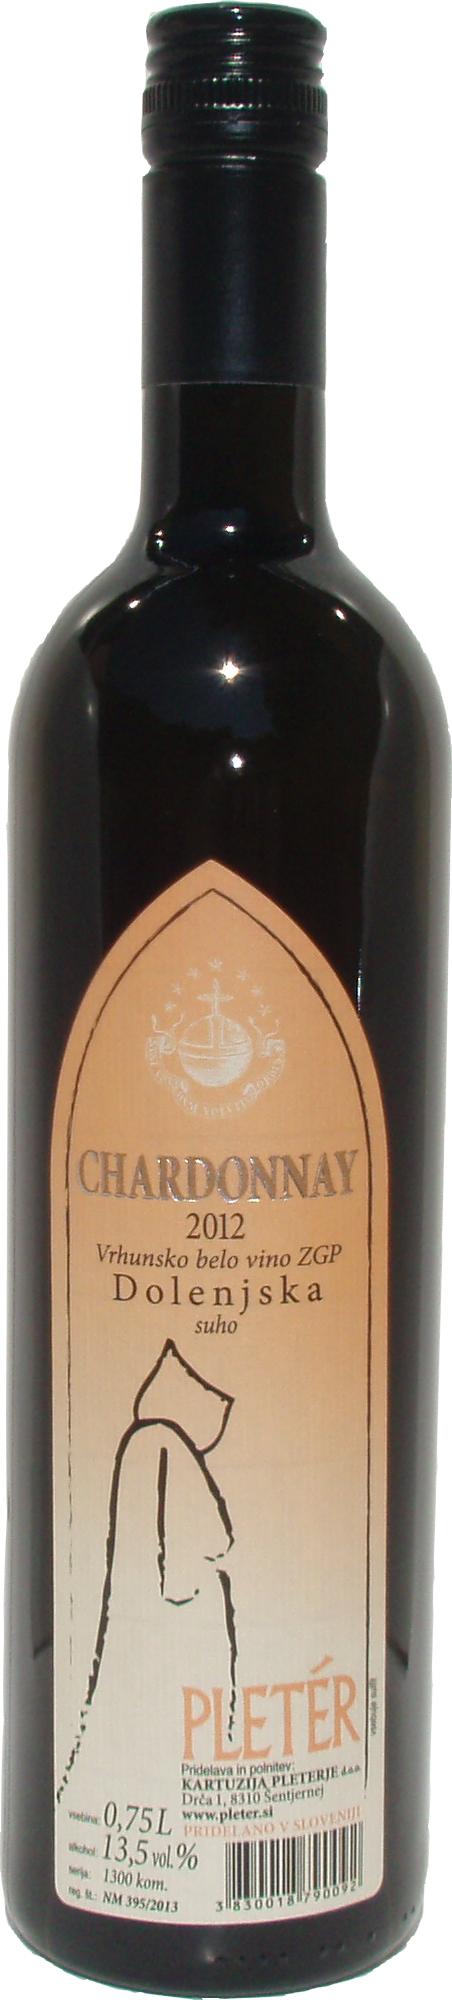 chardonnay v.v. 2012_2012